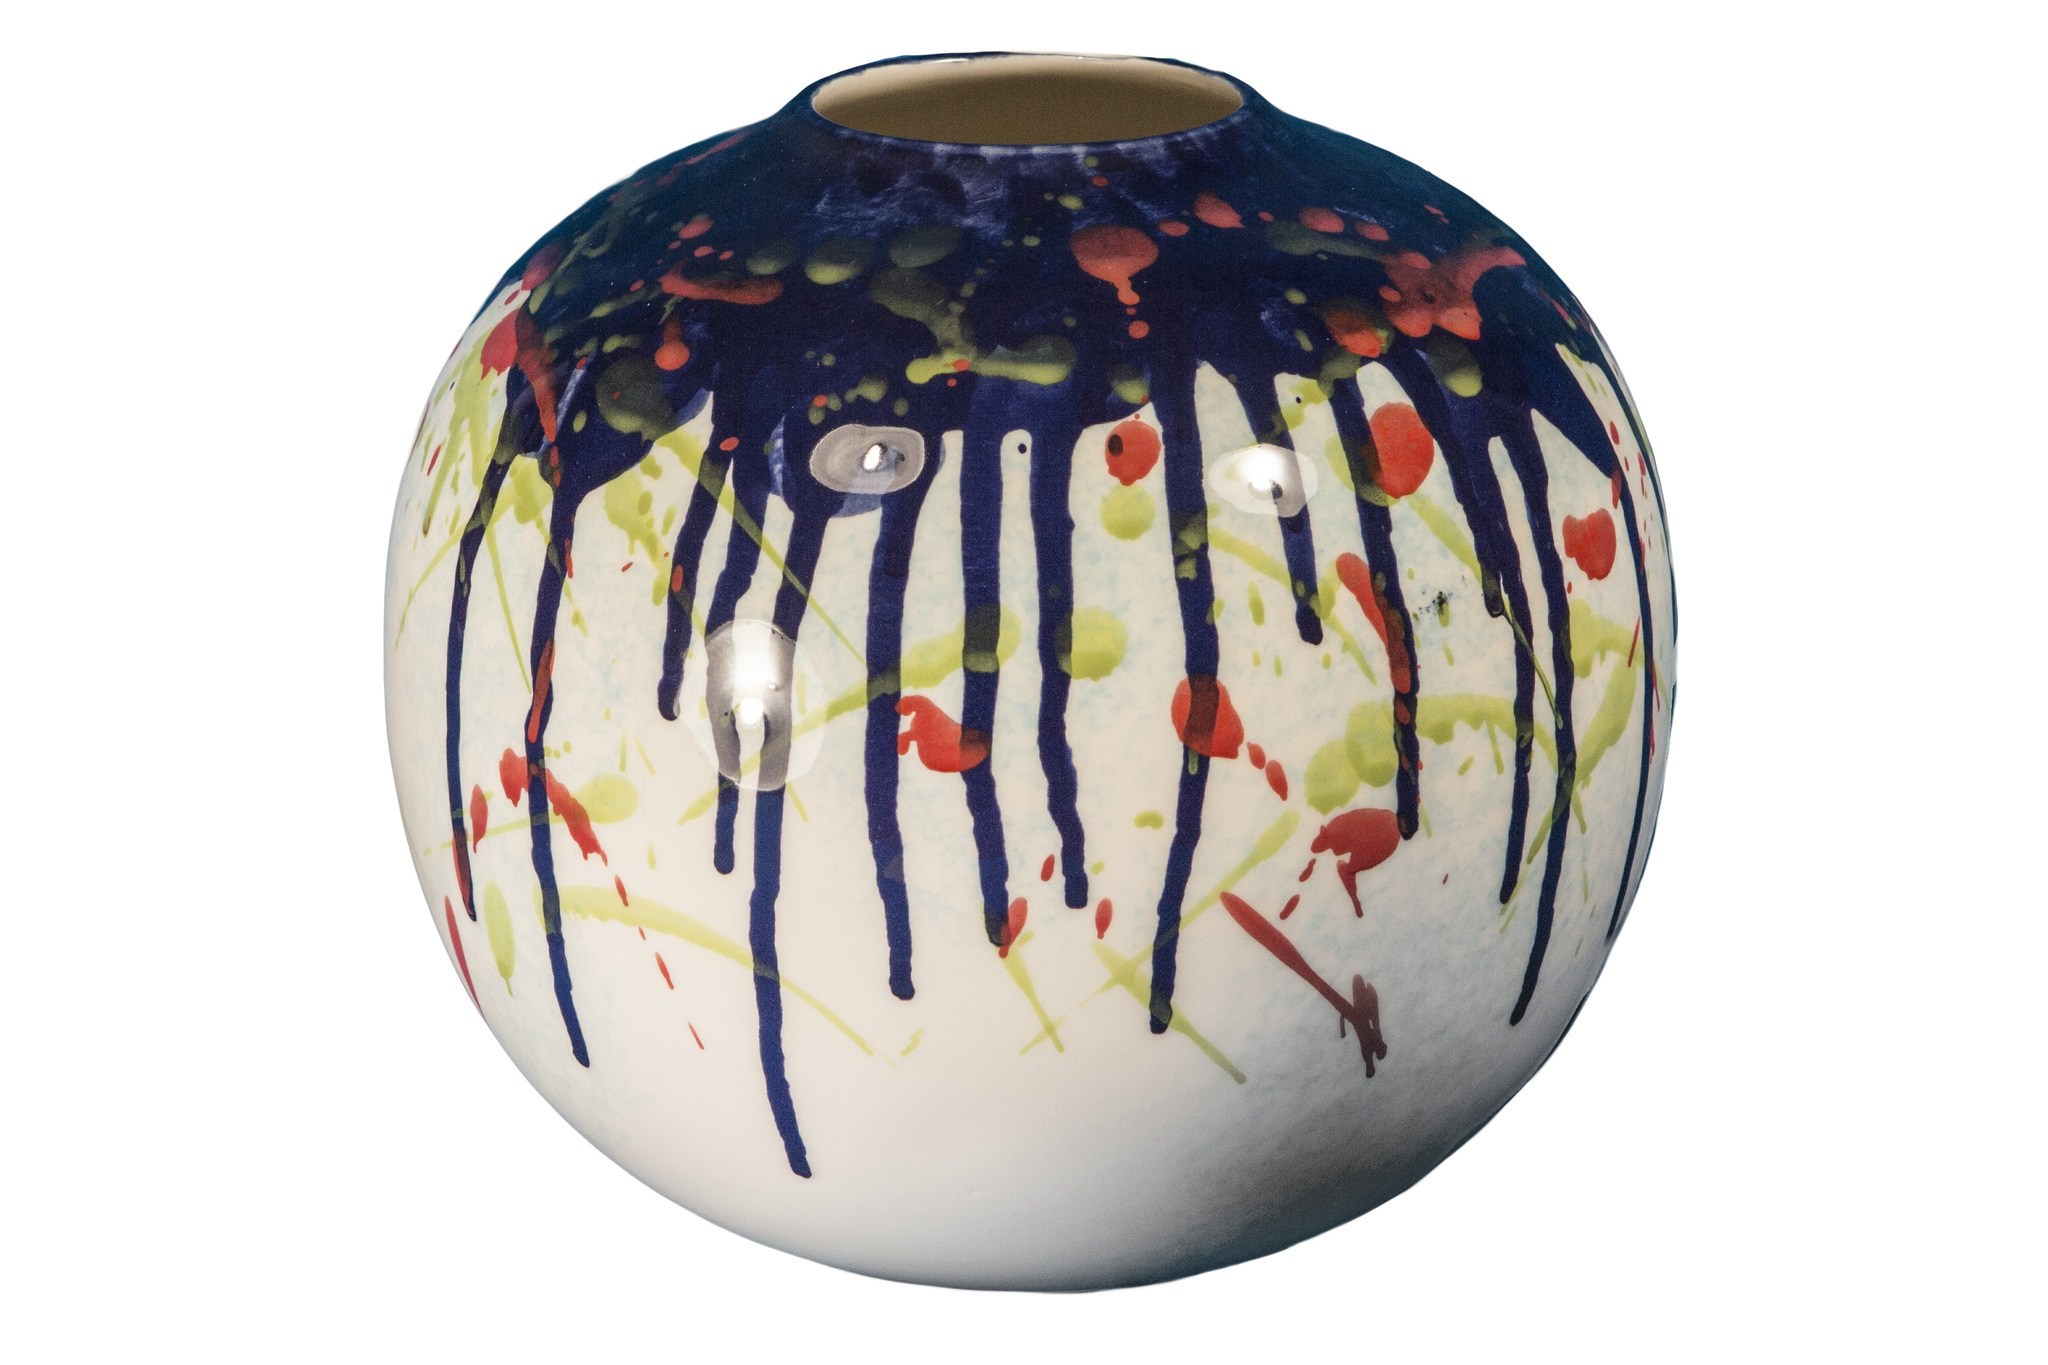 Вазы настольные Элитная ваза декоративная Abstraction низкая от S. Bernardo vaza-dekorativnaya-abstraction-ot-s-bernardo-iz-portugalii.jpg